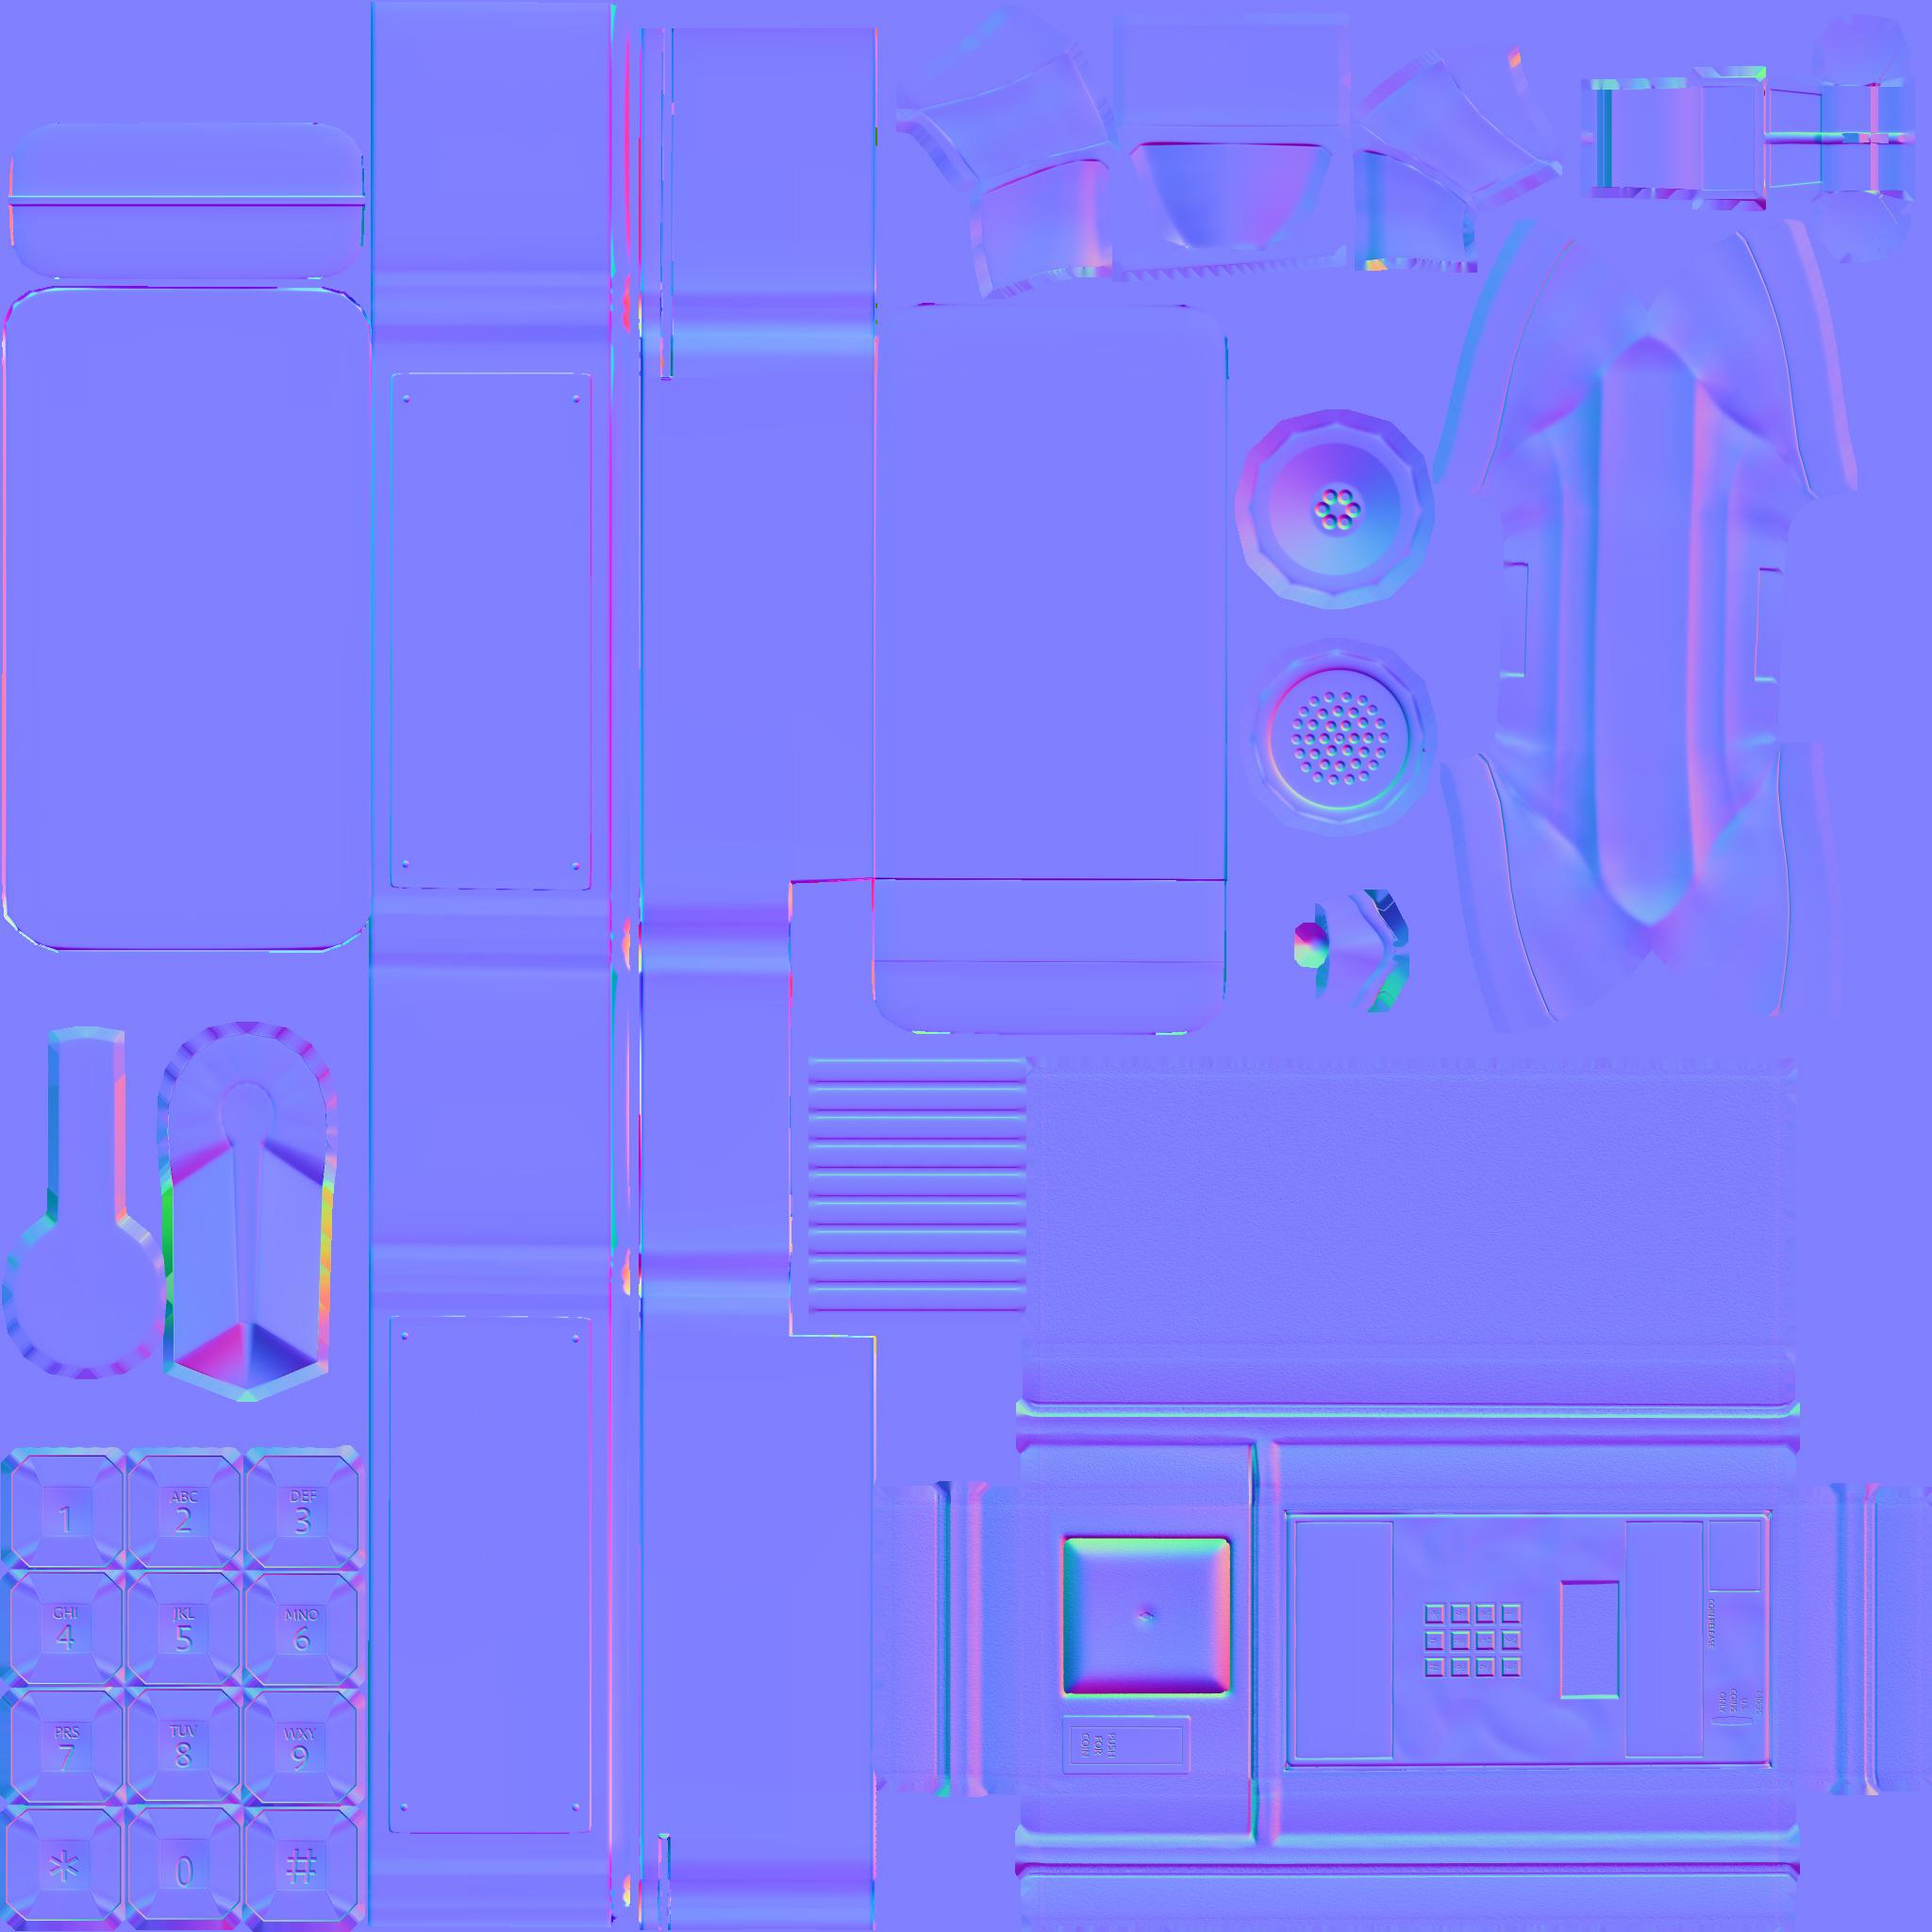 T_Payphone_Normal.jpg